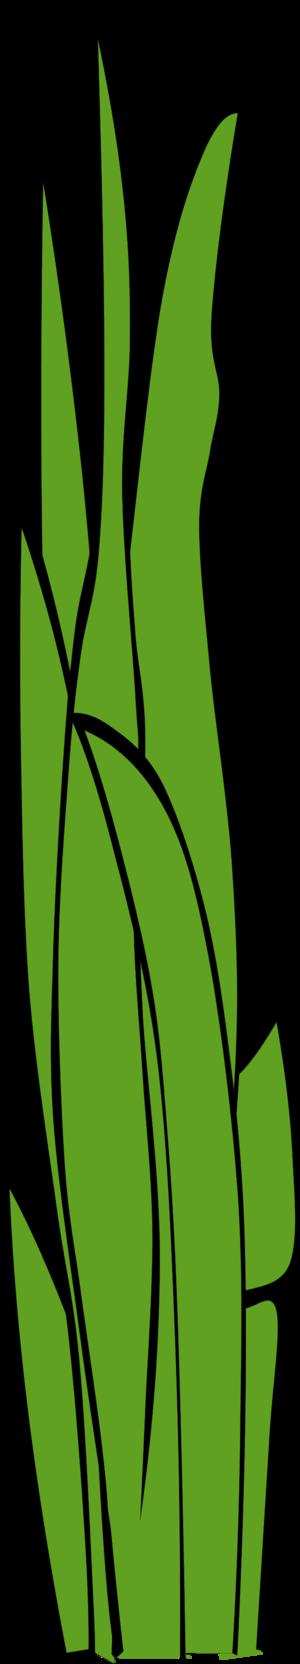 Blade of grass clip art.